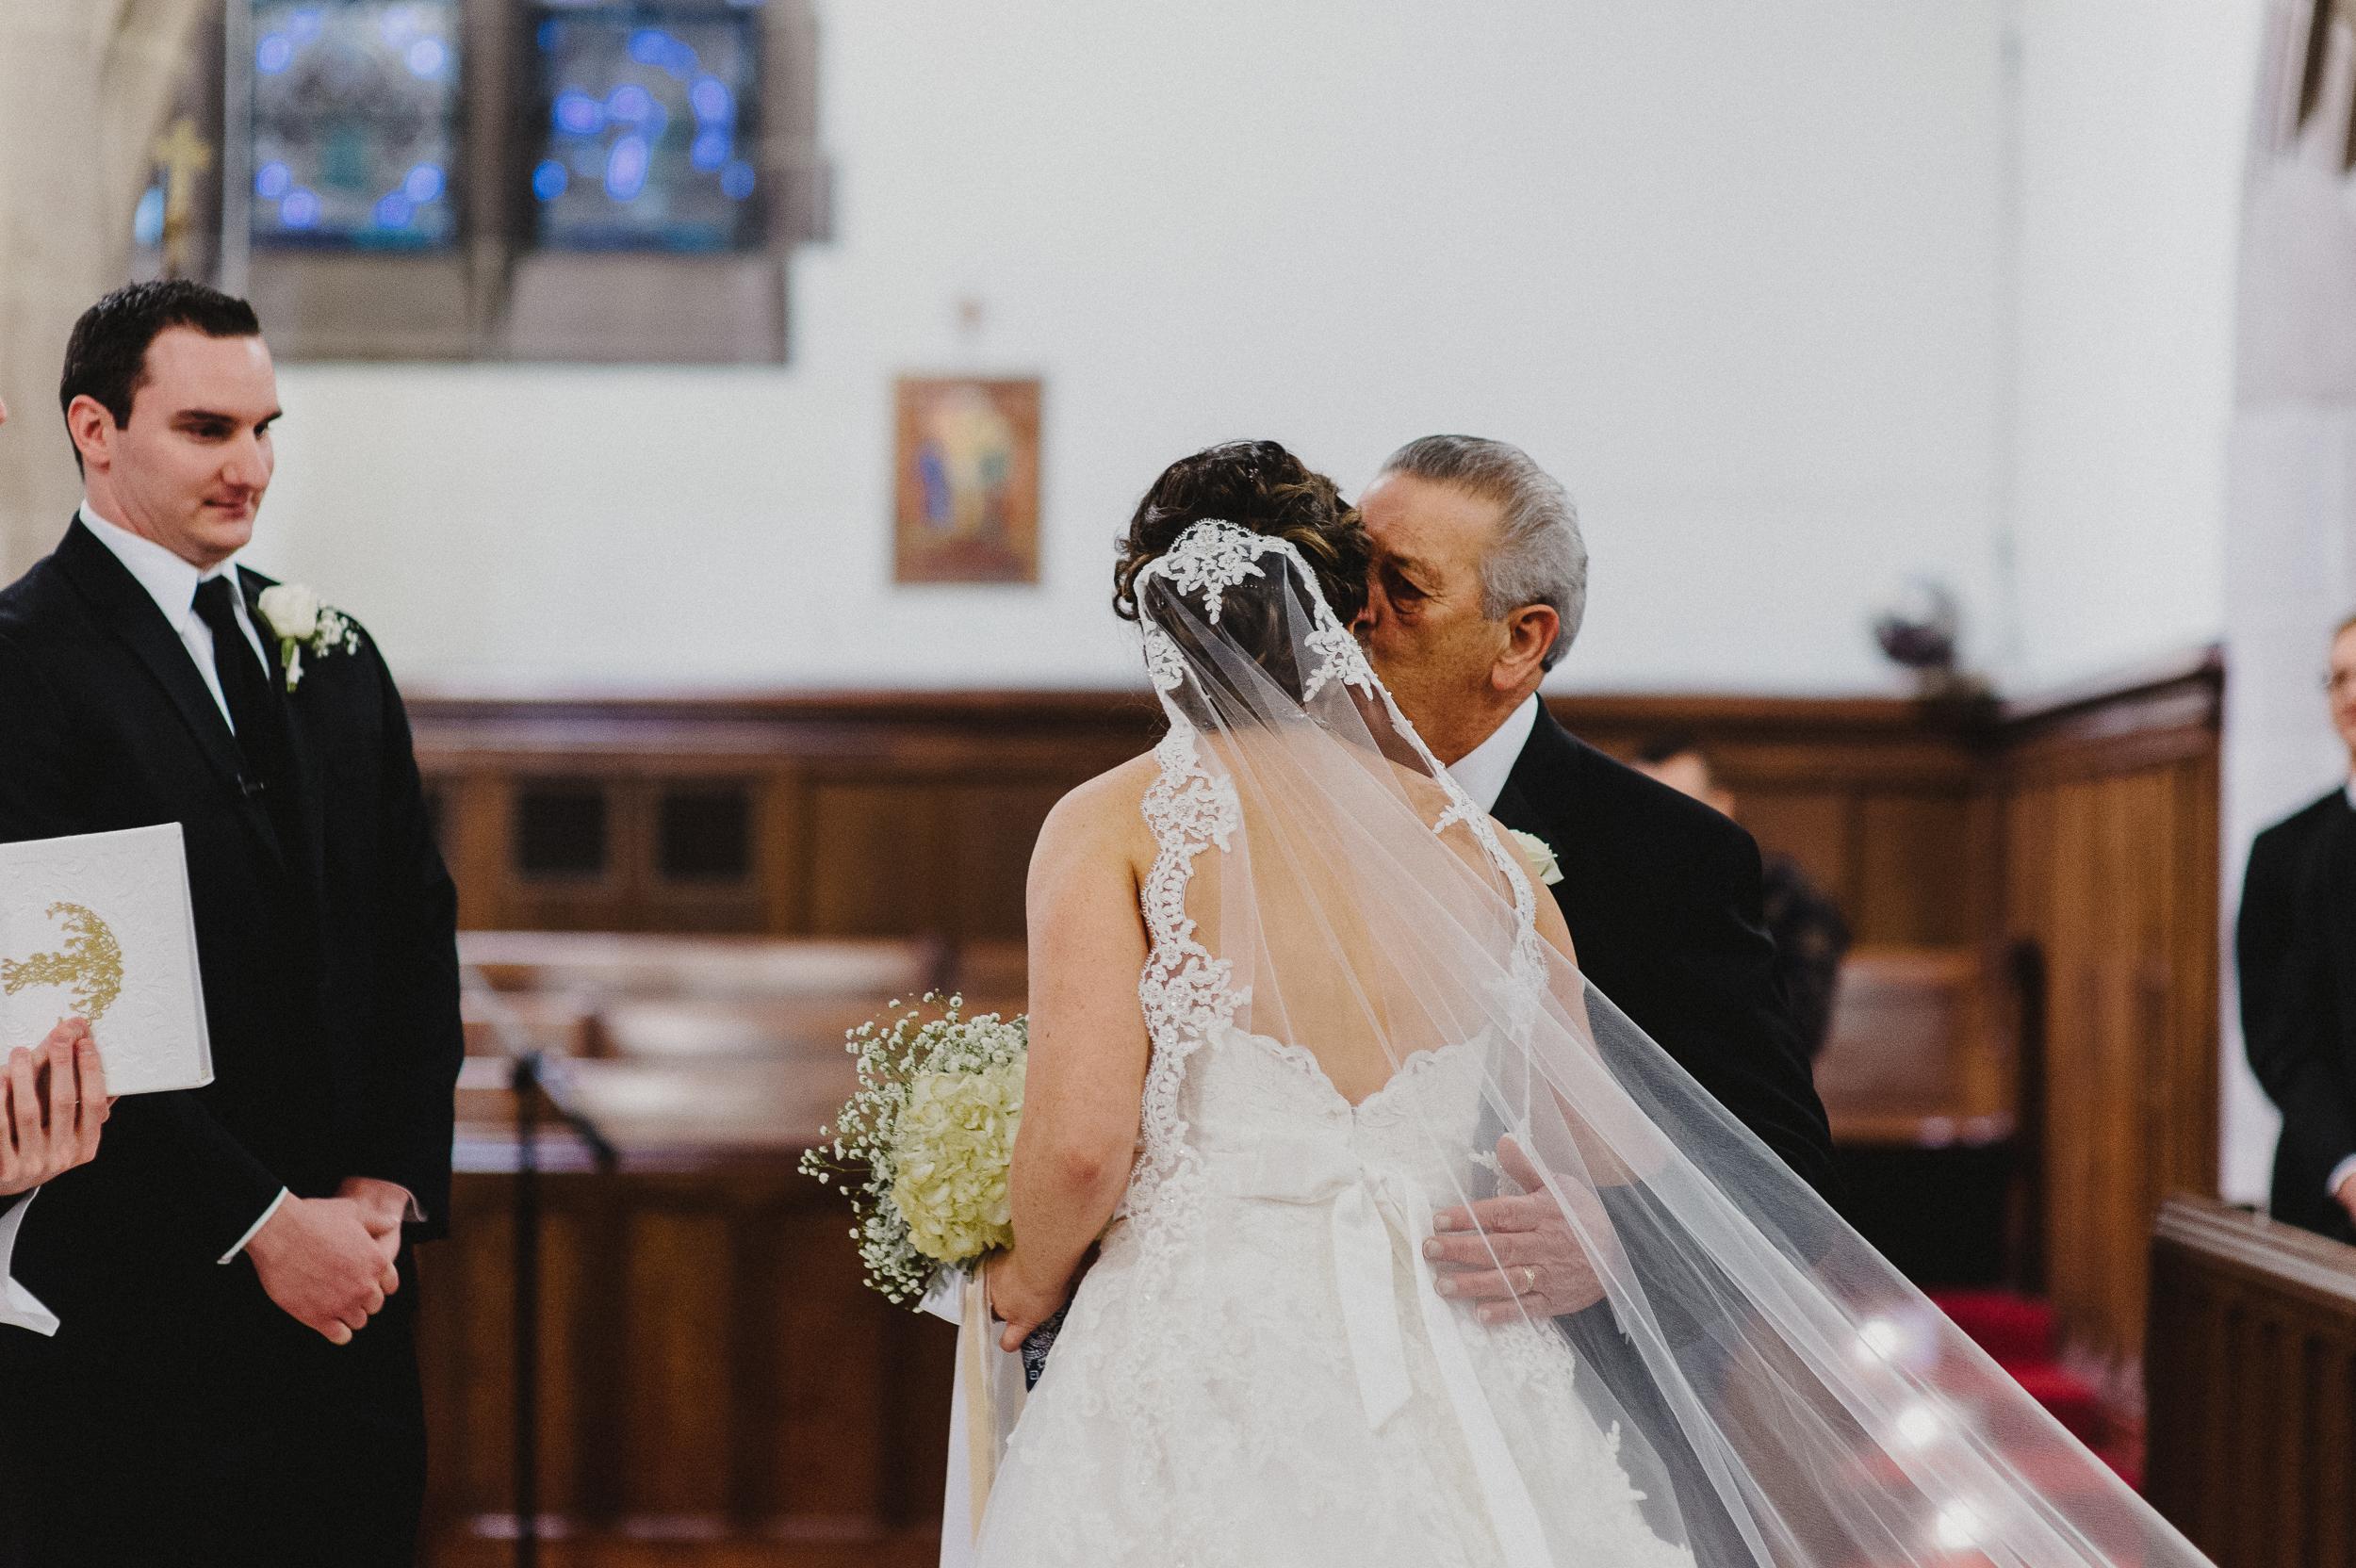 vermont-destination-wedding-photographer-43.jpg